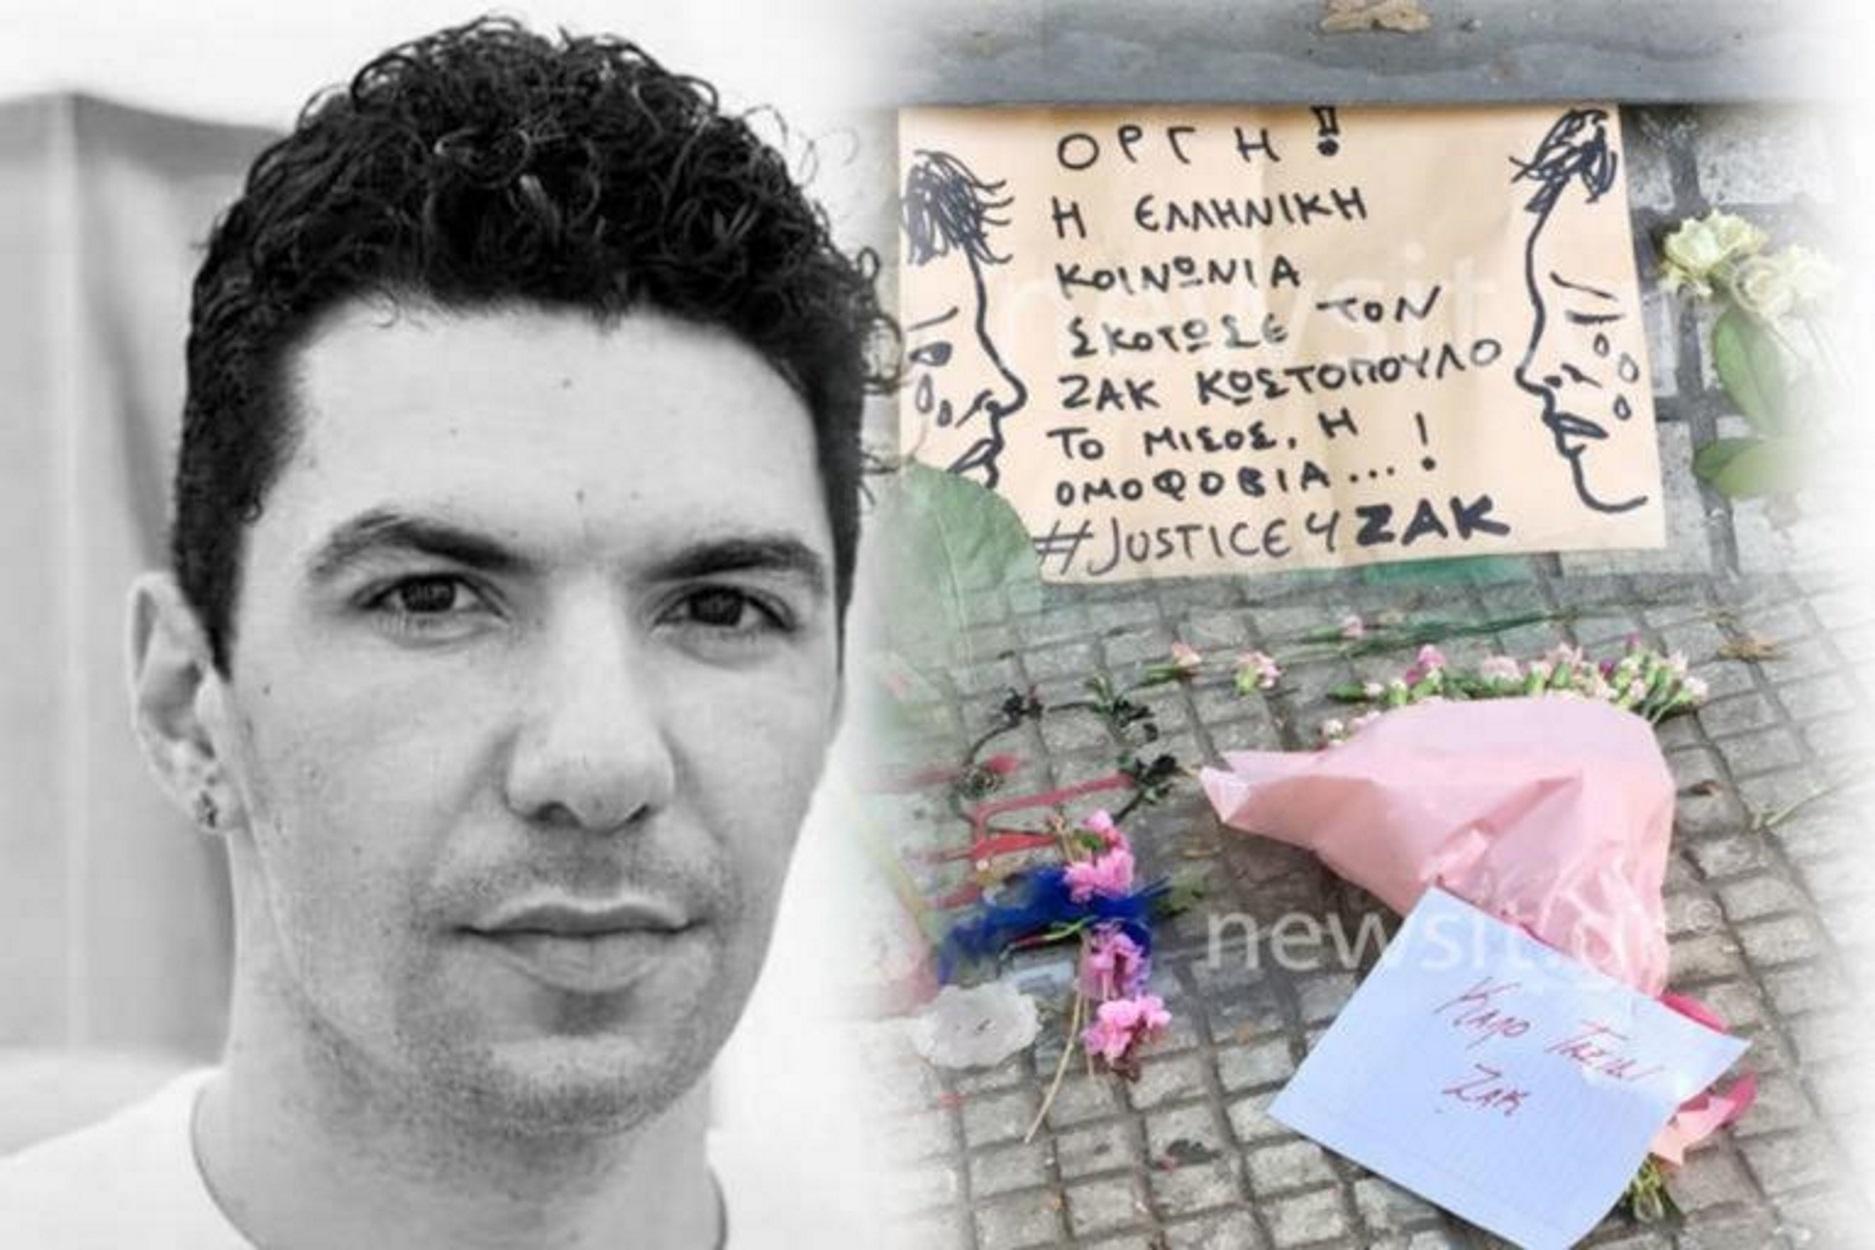 Ζακ Κωστόπουλος: Ξεκινά η δίκη για τη δολοφονία του 33χρονου ακτιβιστή